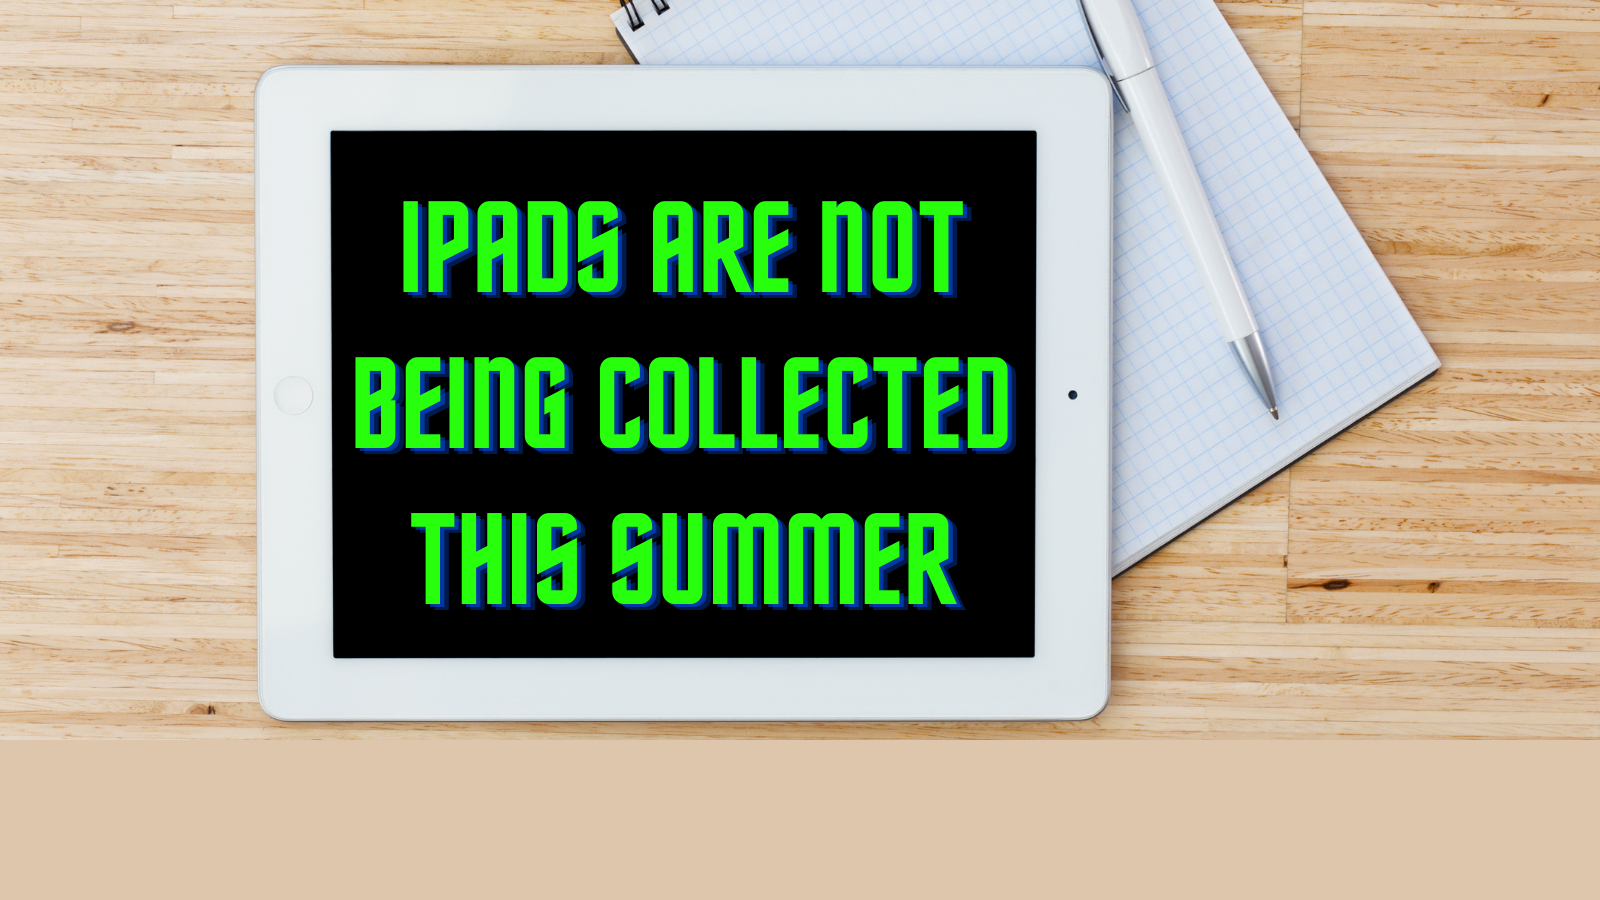 سمر iPad والدین کے لئے معلومات